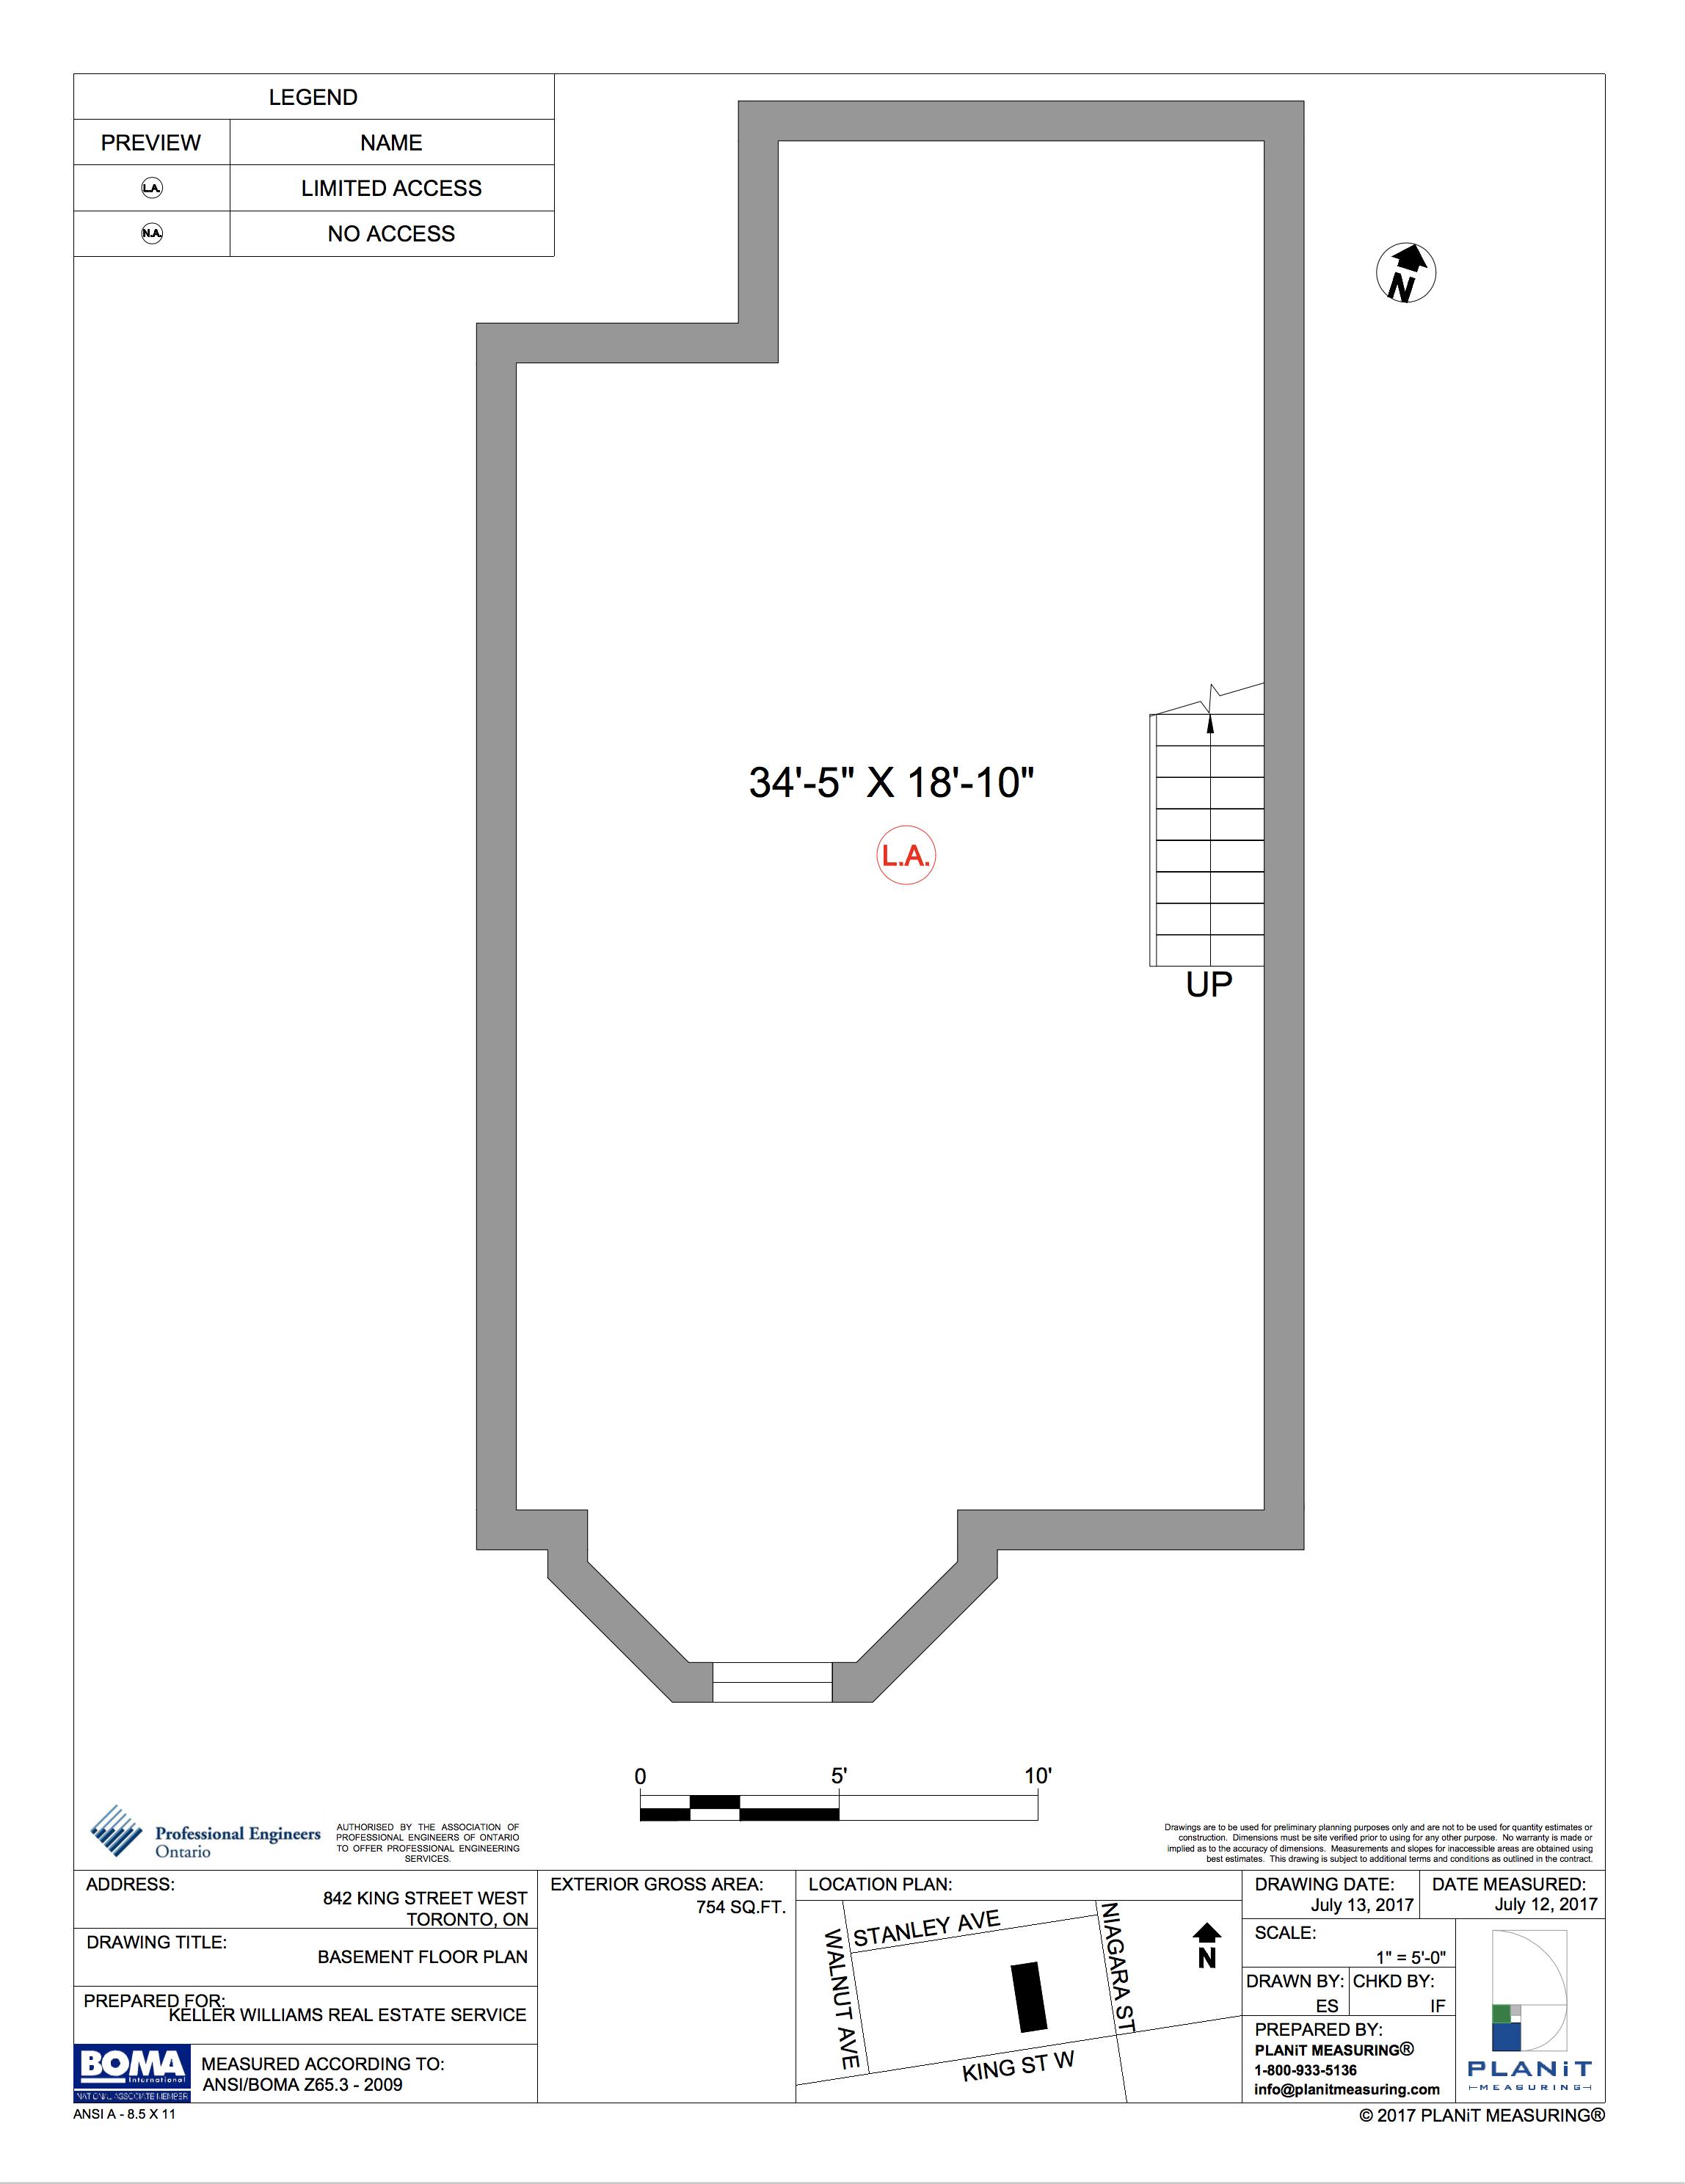 Basement (754 sq ft)